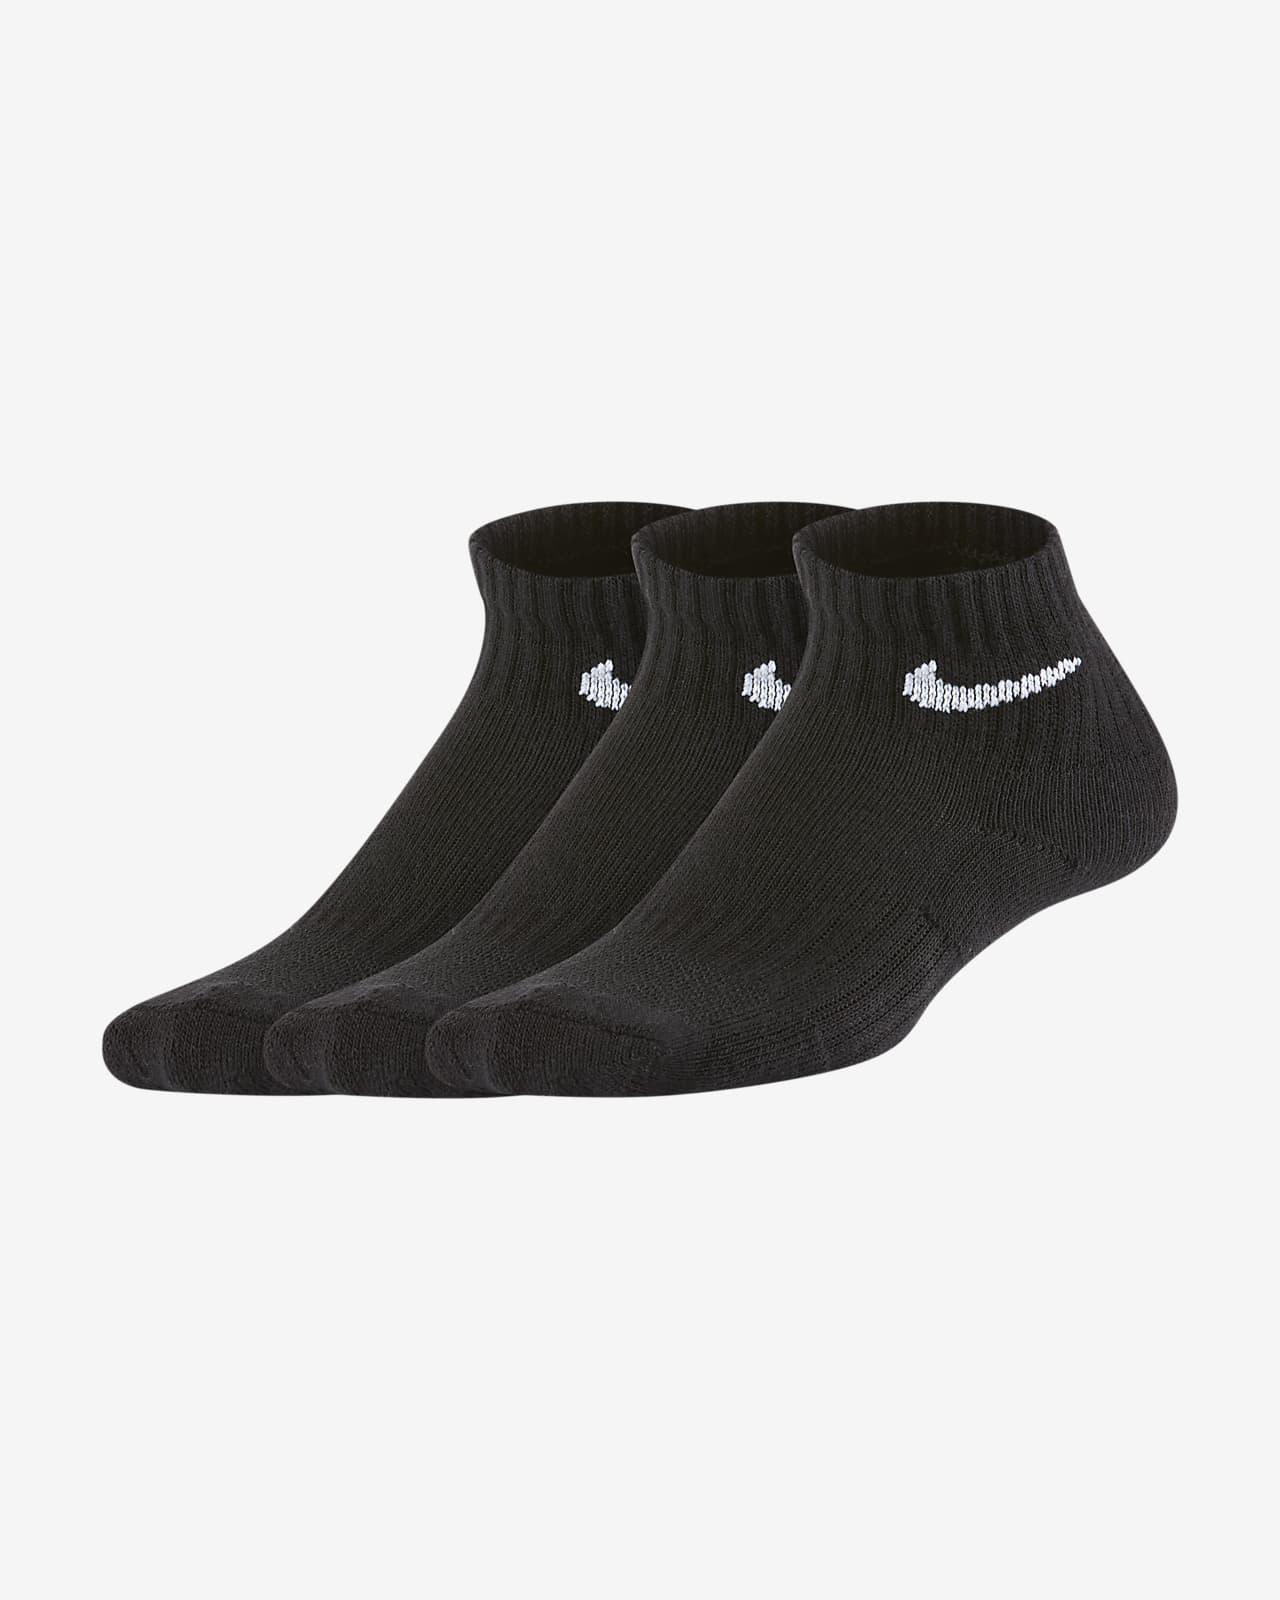 Meias pelo tornozelo com amortecimento Nike Everyday para criança (3 pares)